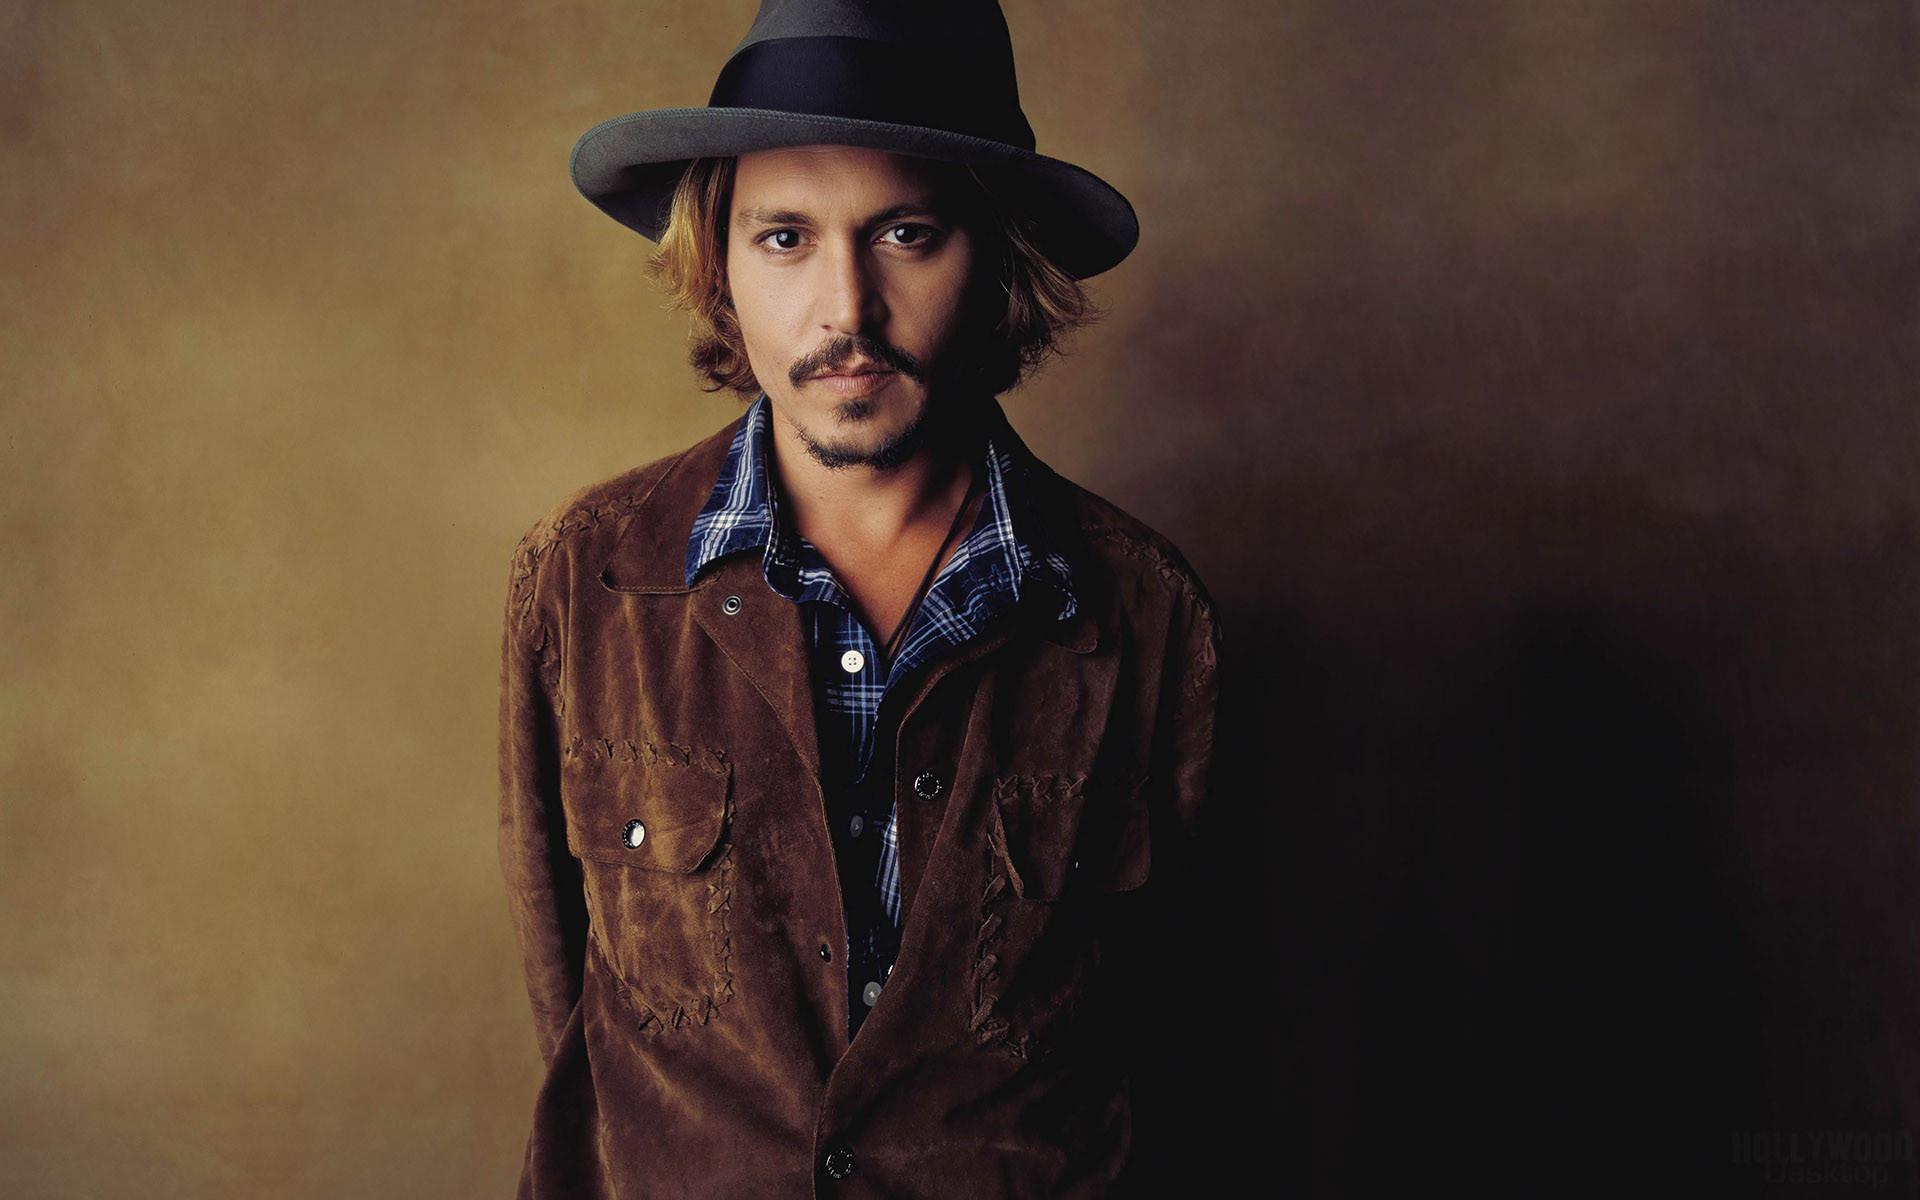 John Depp II dit Johnny Depp est un acteur réalisateur guitariste scénariste et producteur de cinéma américain né le 9 juin 1963 à Owensboro Il devient